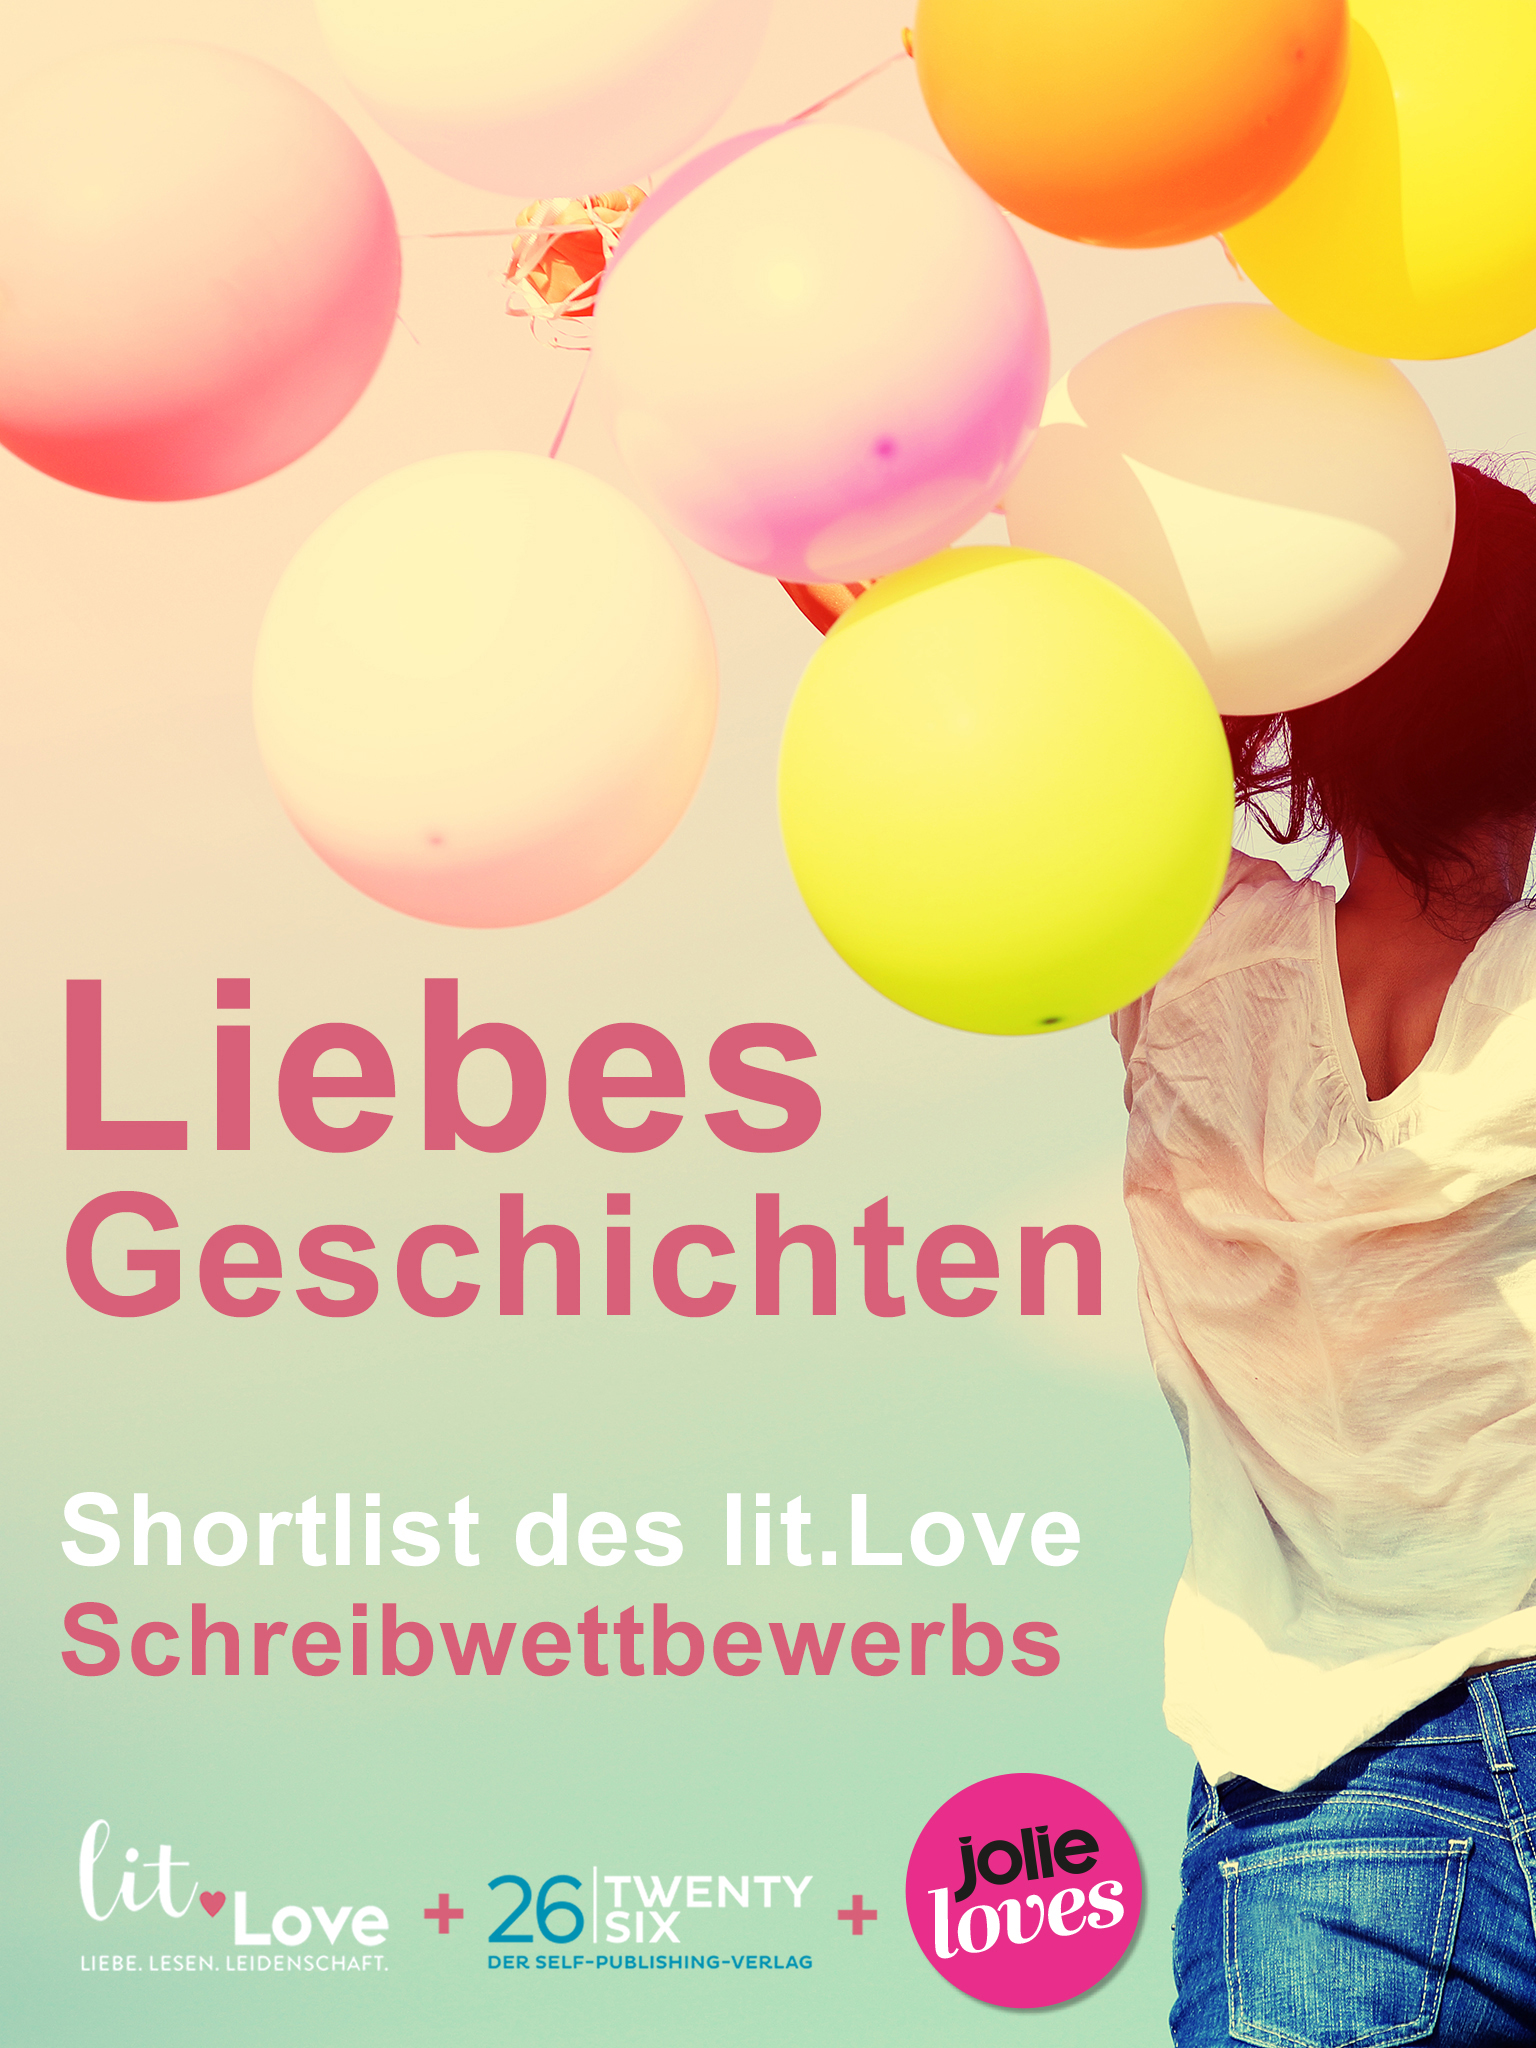 eBook Schreibwettebwerb lit.Love 2016